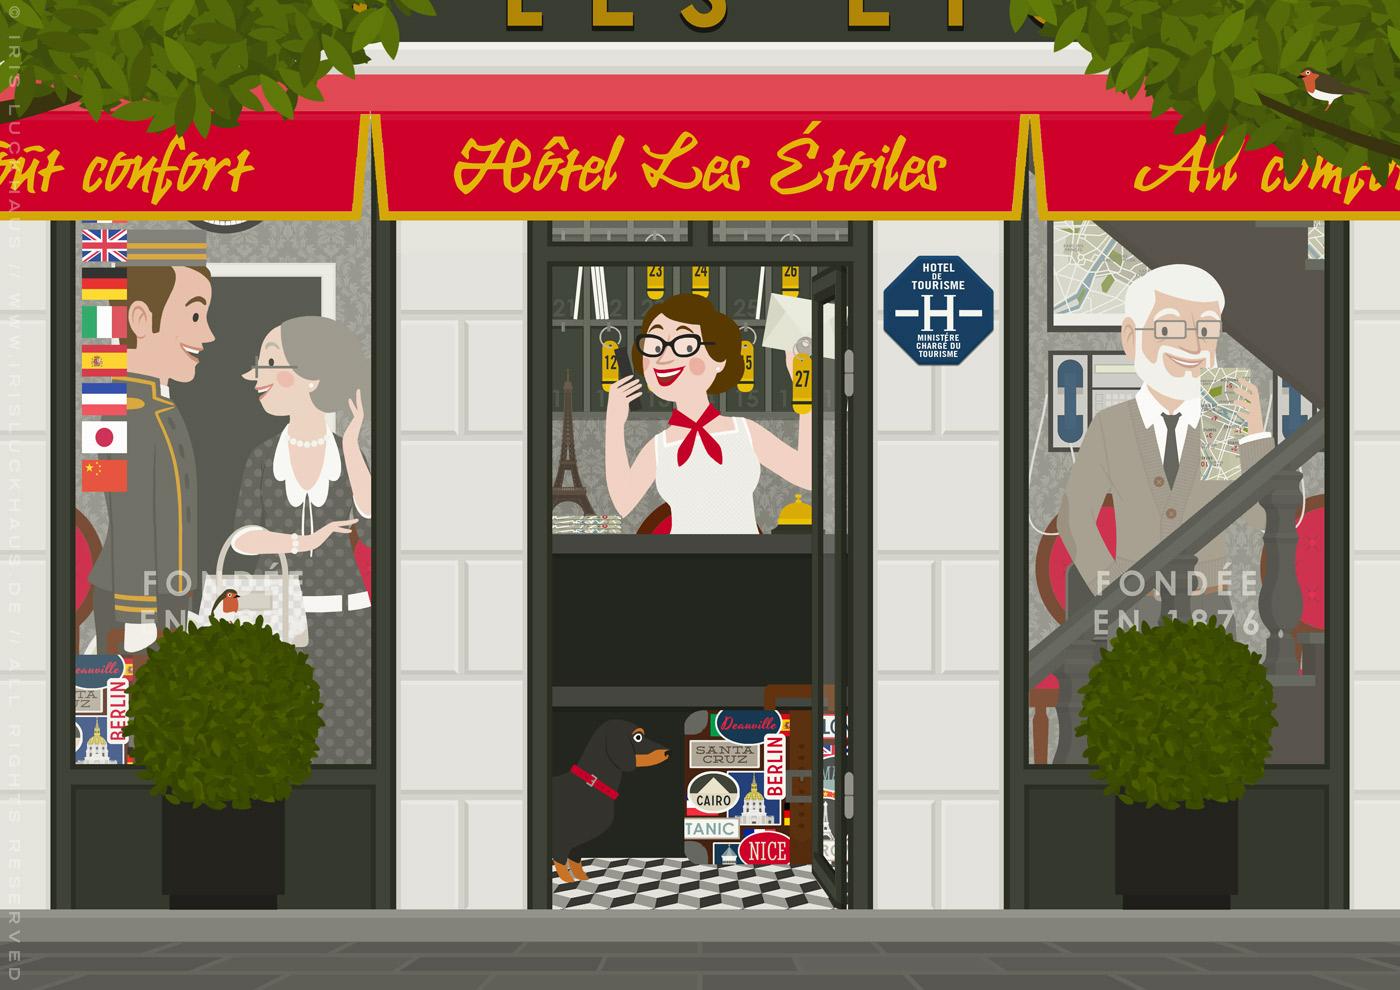 Zeichnung eines alten Pärchens mit Dackel, das in einem Hotel in Paris eincheckt und dabei Concierge und Hoteldiener kennenlernt